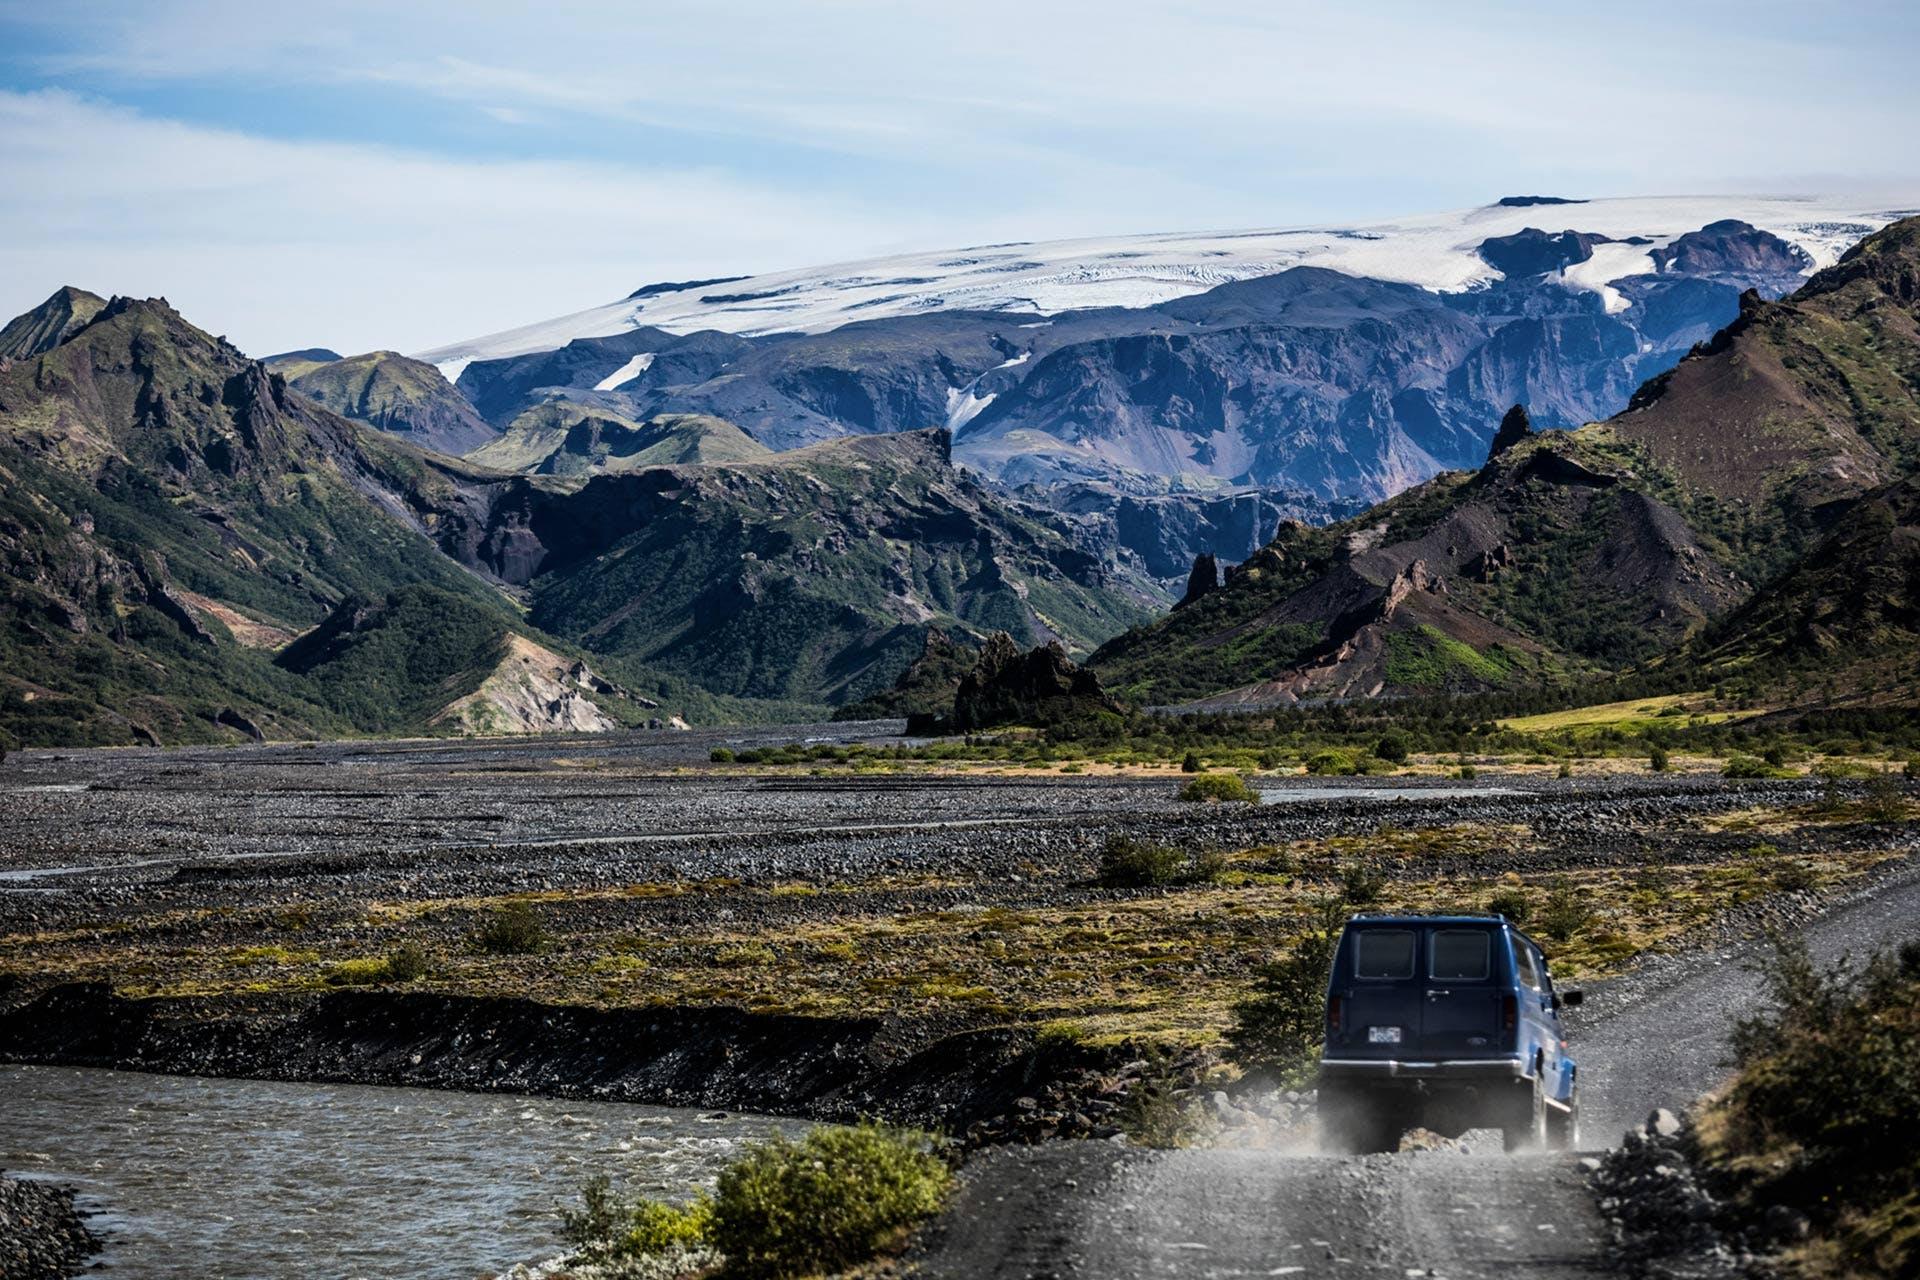 2-dniowa wycieczka po dolinie Thorsmork z sauną i grillem w górach, wyjazd z Hvolsvollur - day 1